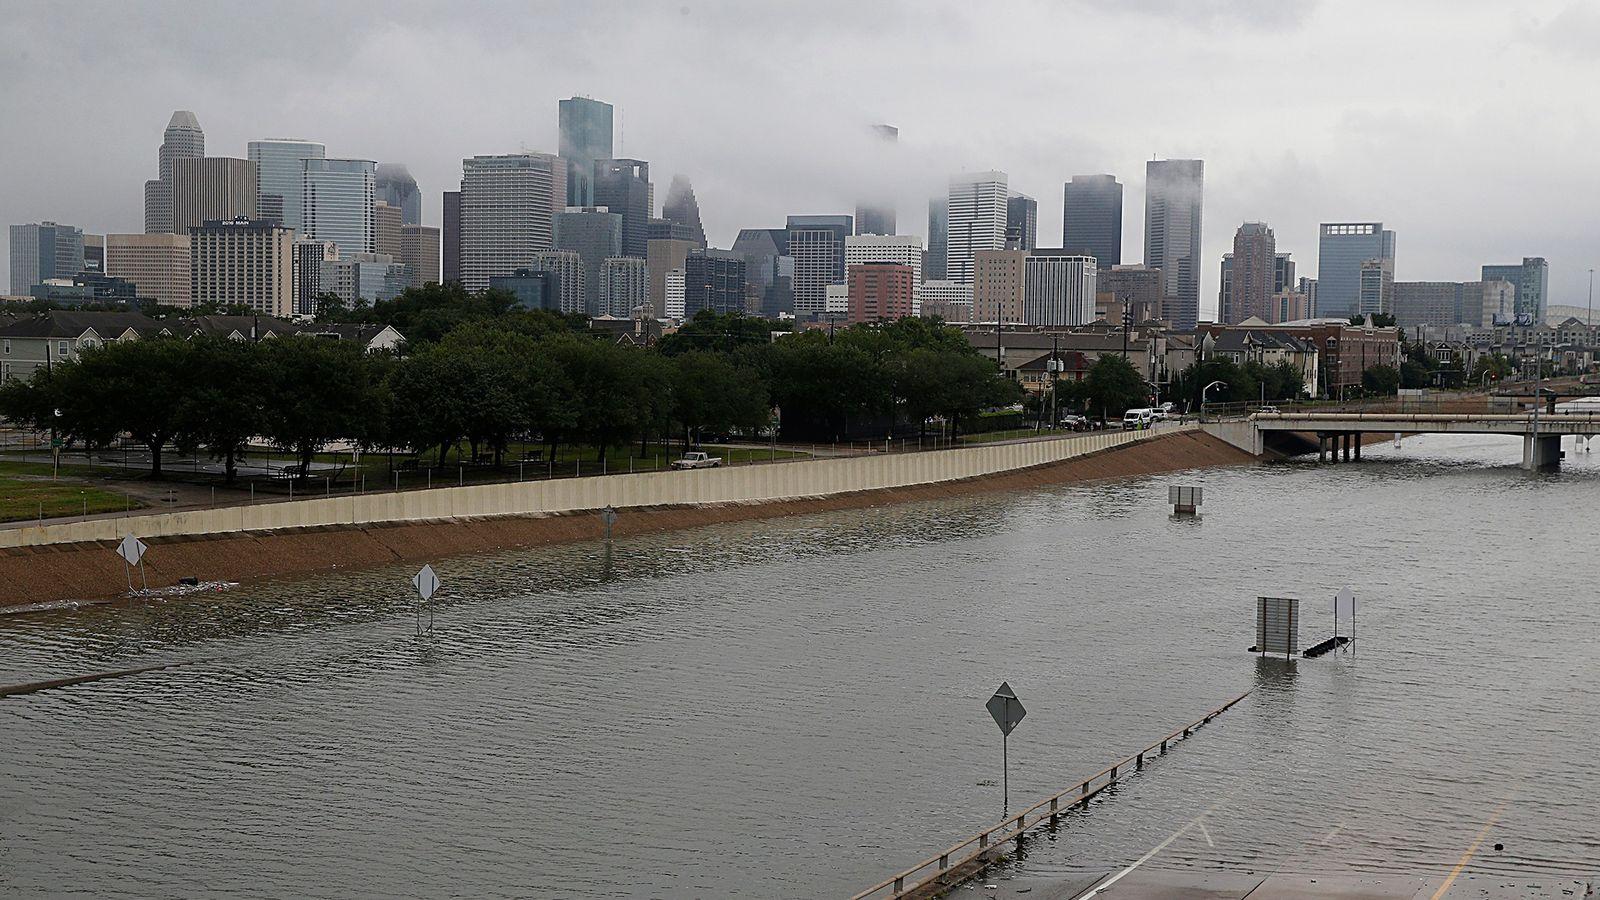 Die Skyline von Houston und der überschwemmte Highway 288 am 27. August 2017 während des Hurrikans ...